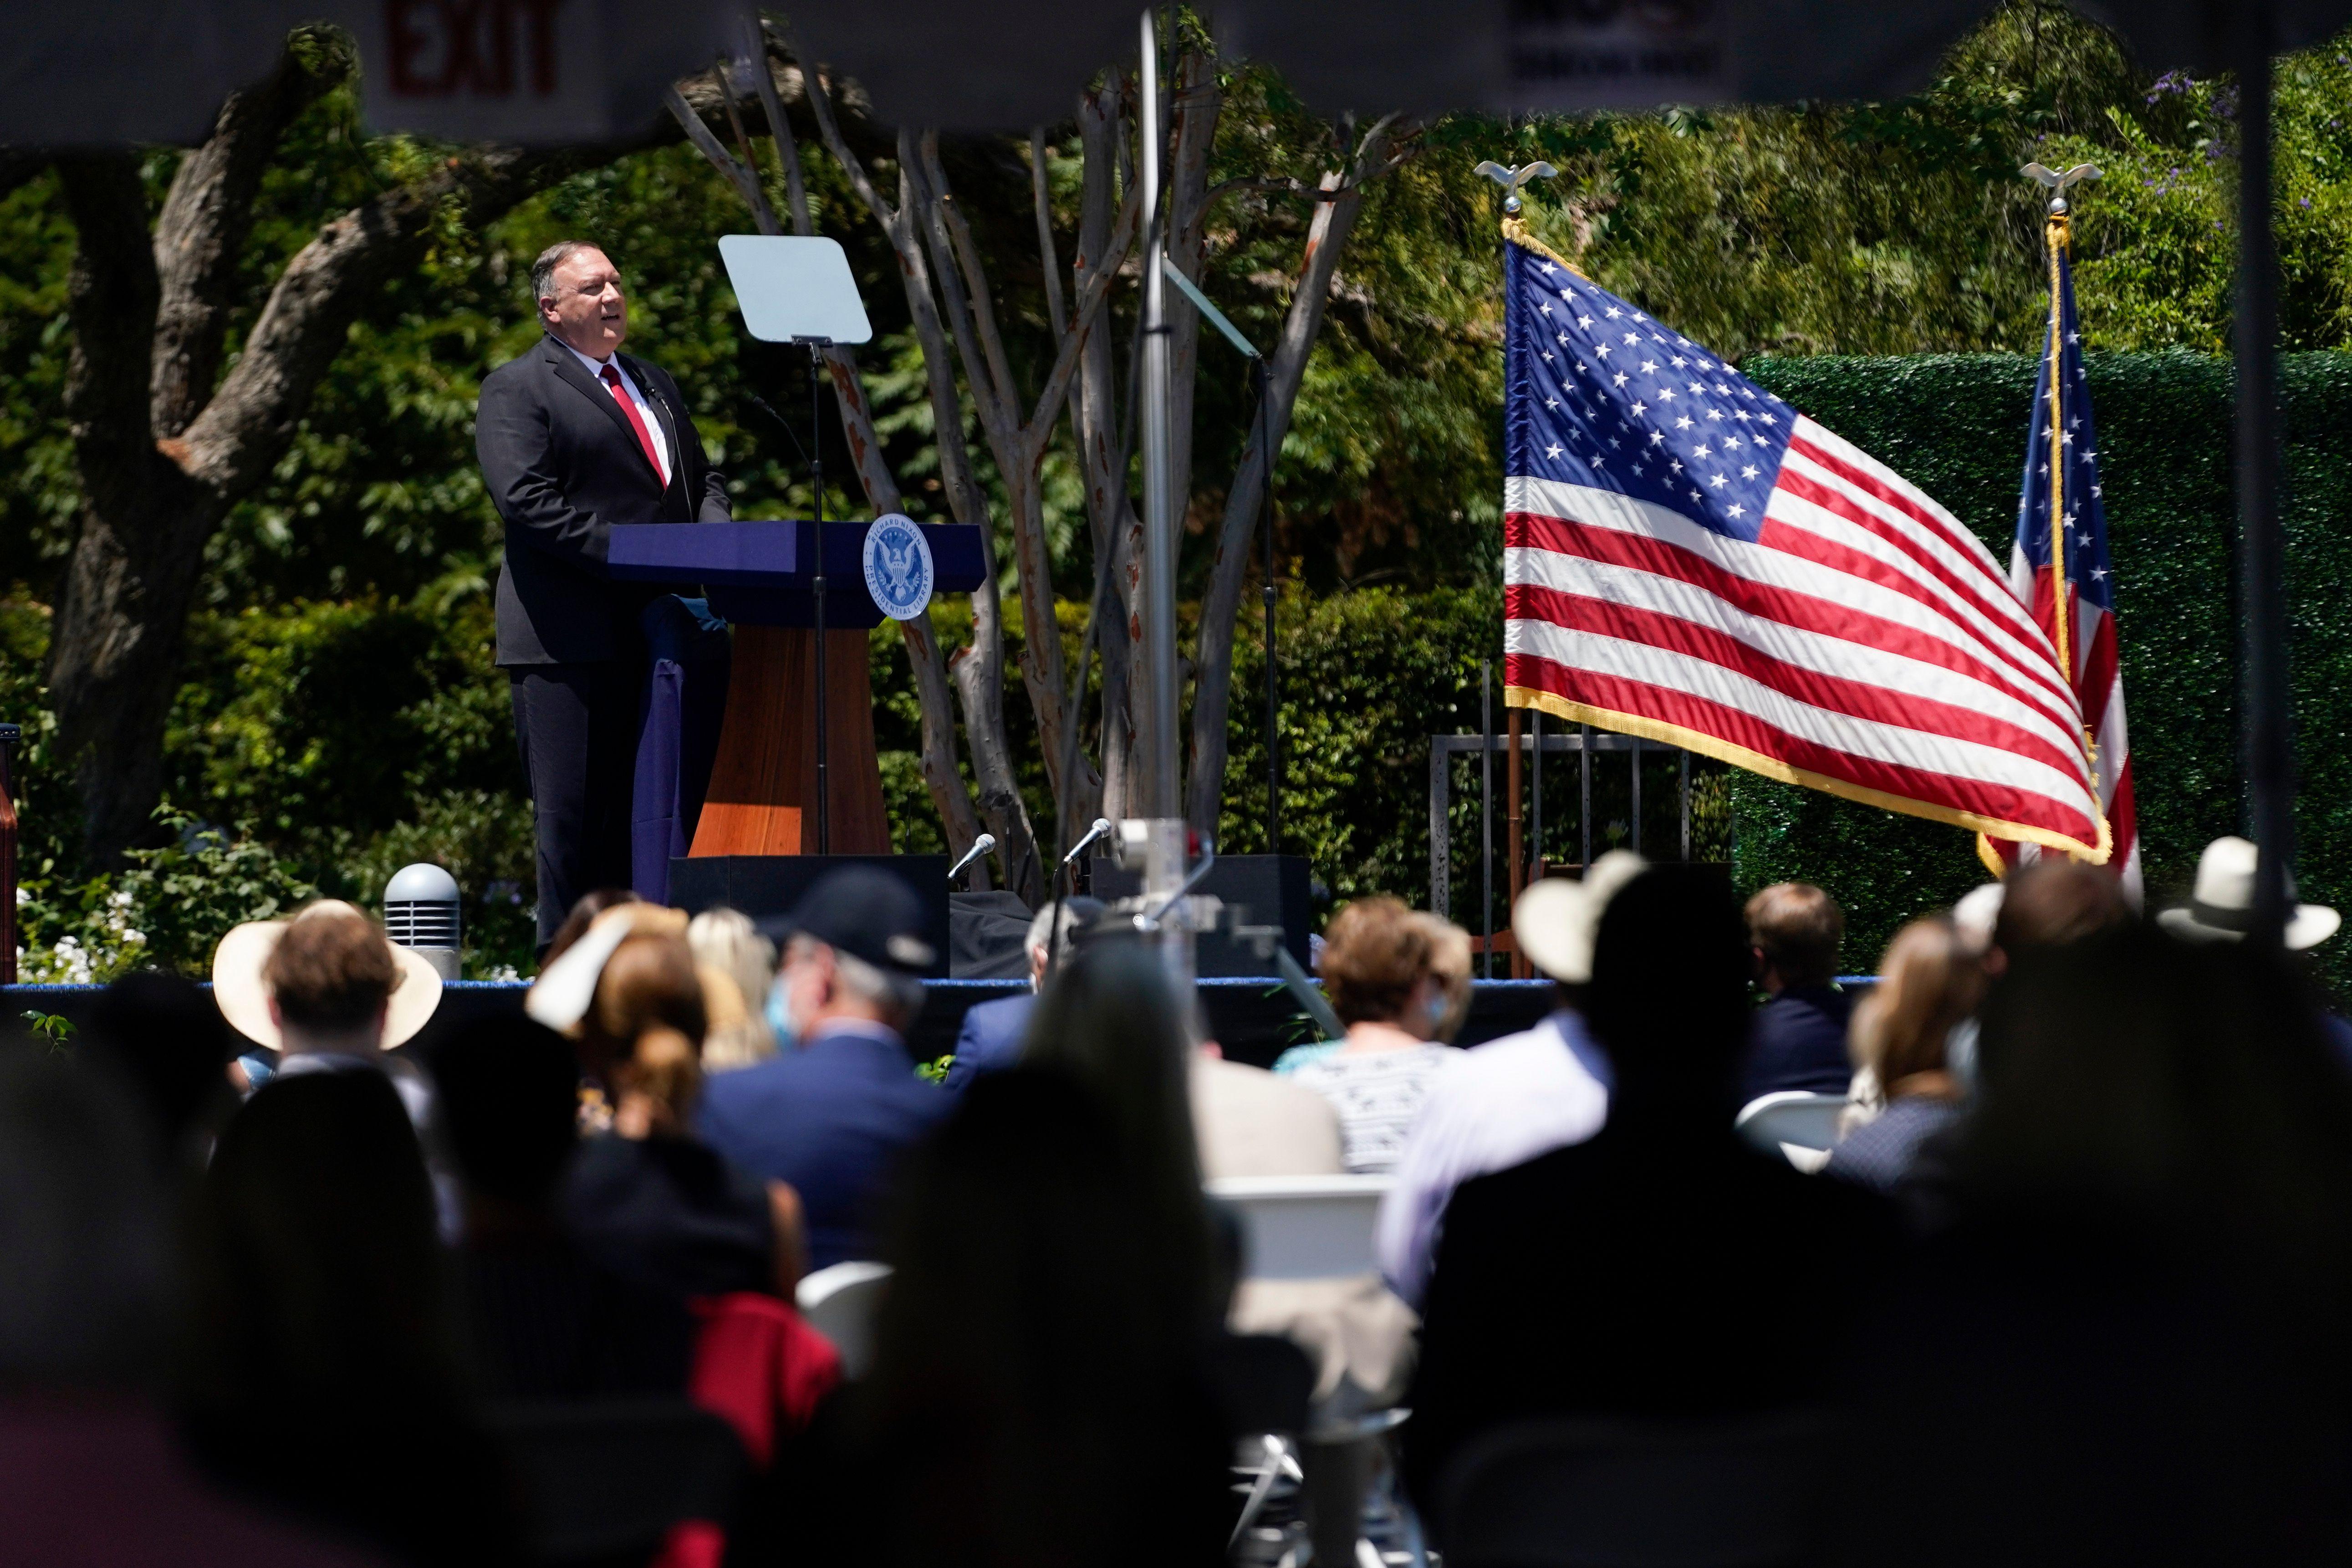 美國國務卿麥克・蓬佩奧(Michael Pompeo)周四(7月23日)在加州的理查德・尼克遜總統圖書館發表對華演講。(ASHLEY LANDIS/POOL/AFP via Getty Images)